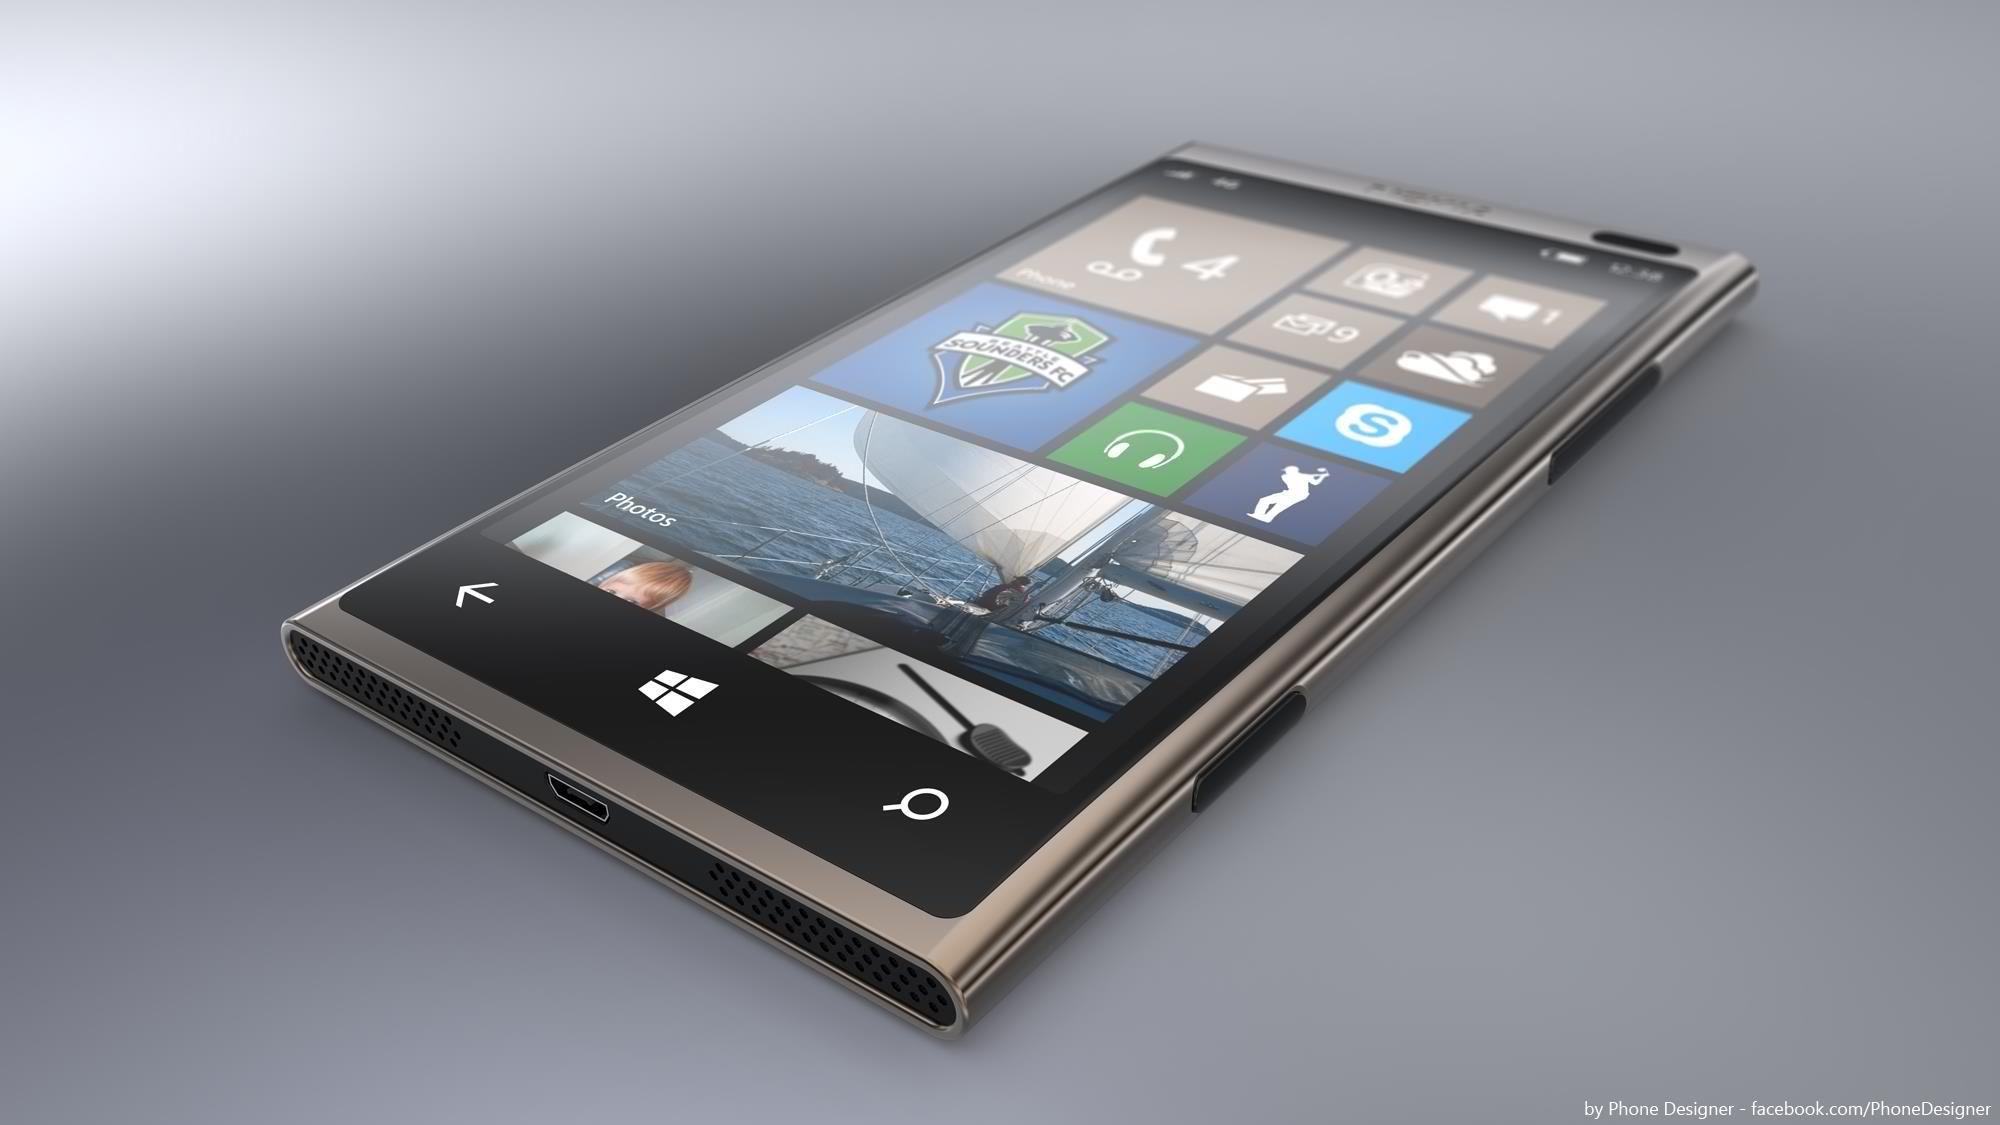 Windows phone image by Shane Azacar on Goals